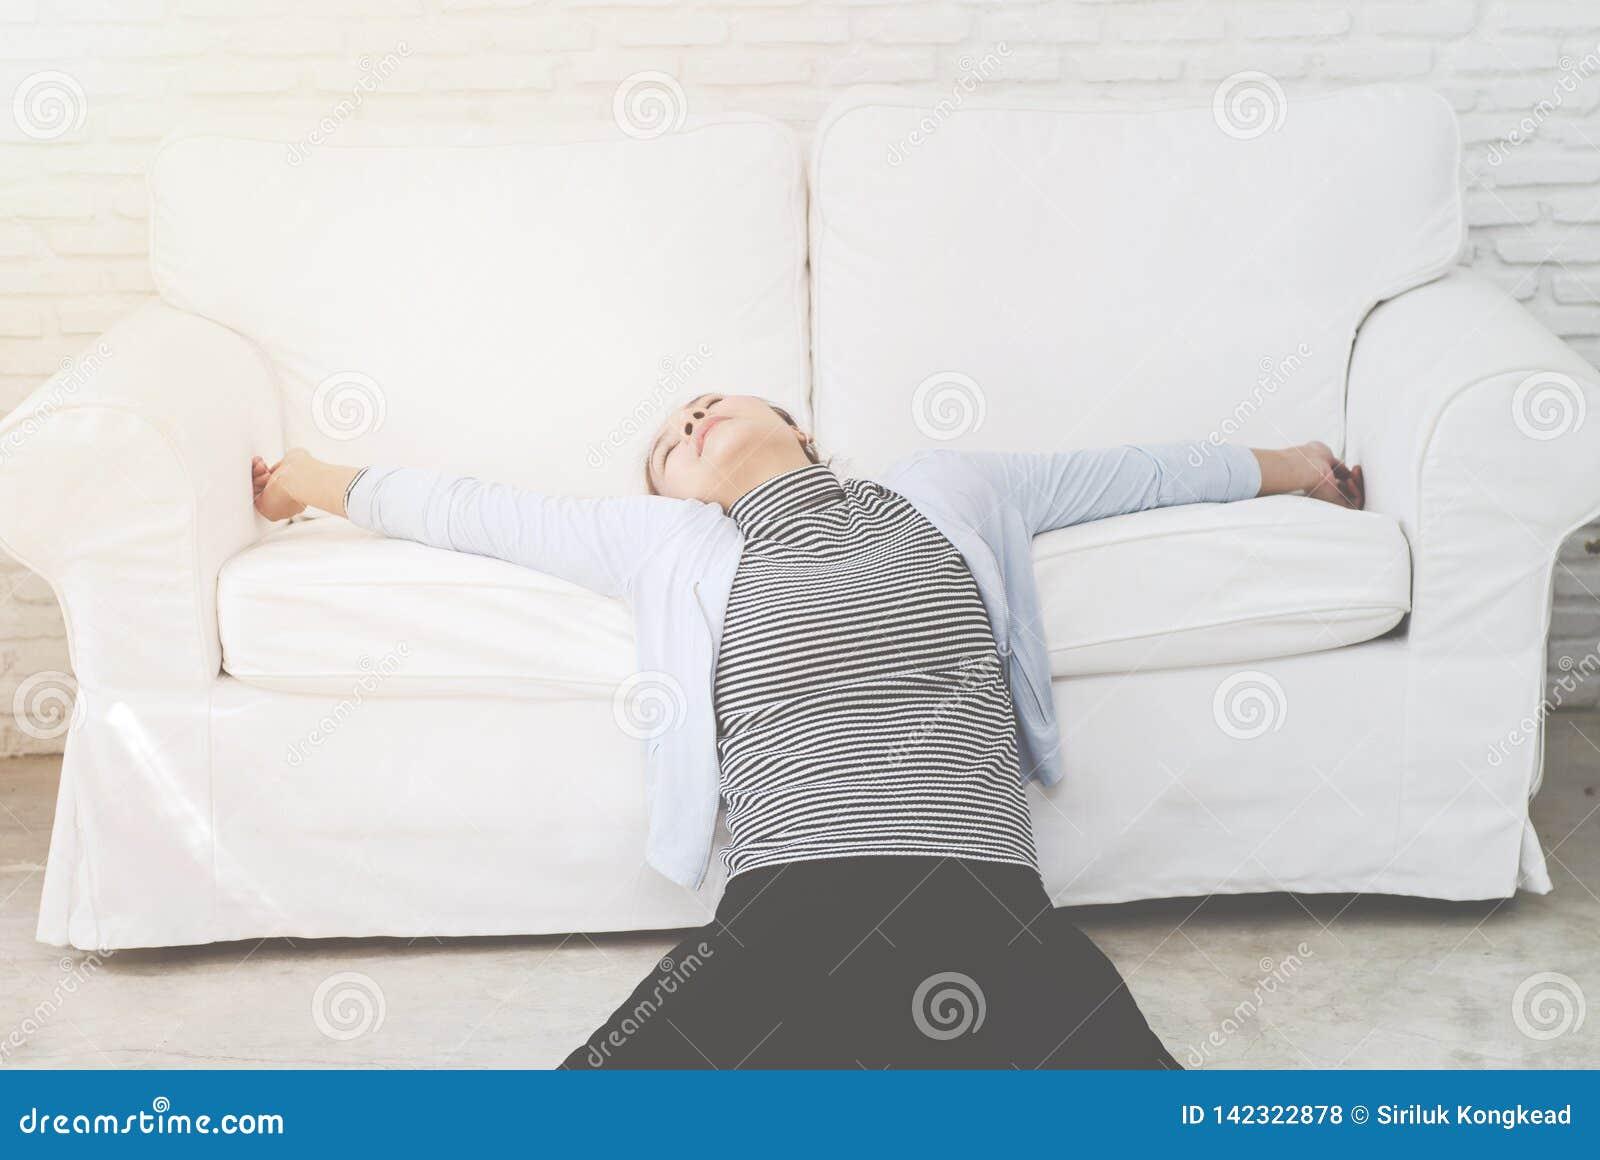 Donna malata che si trova sul letto